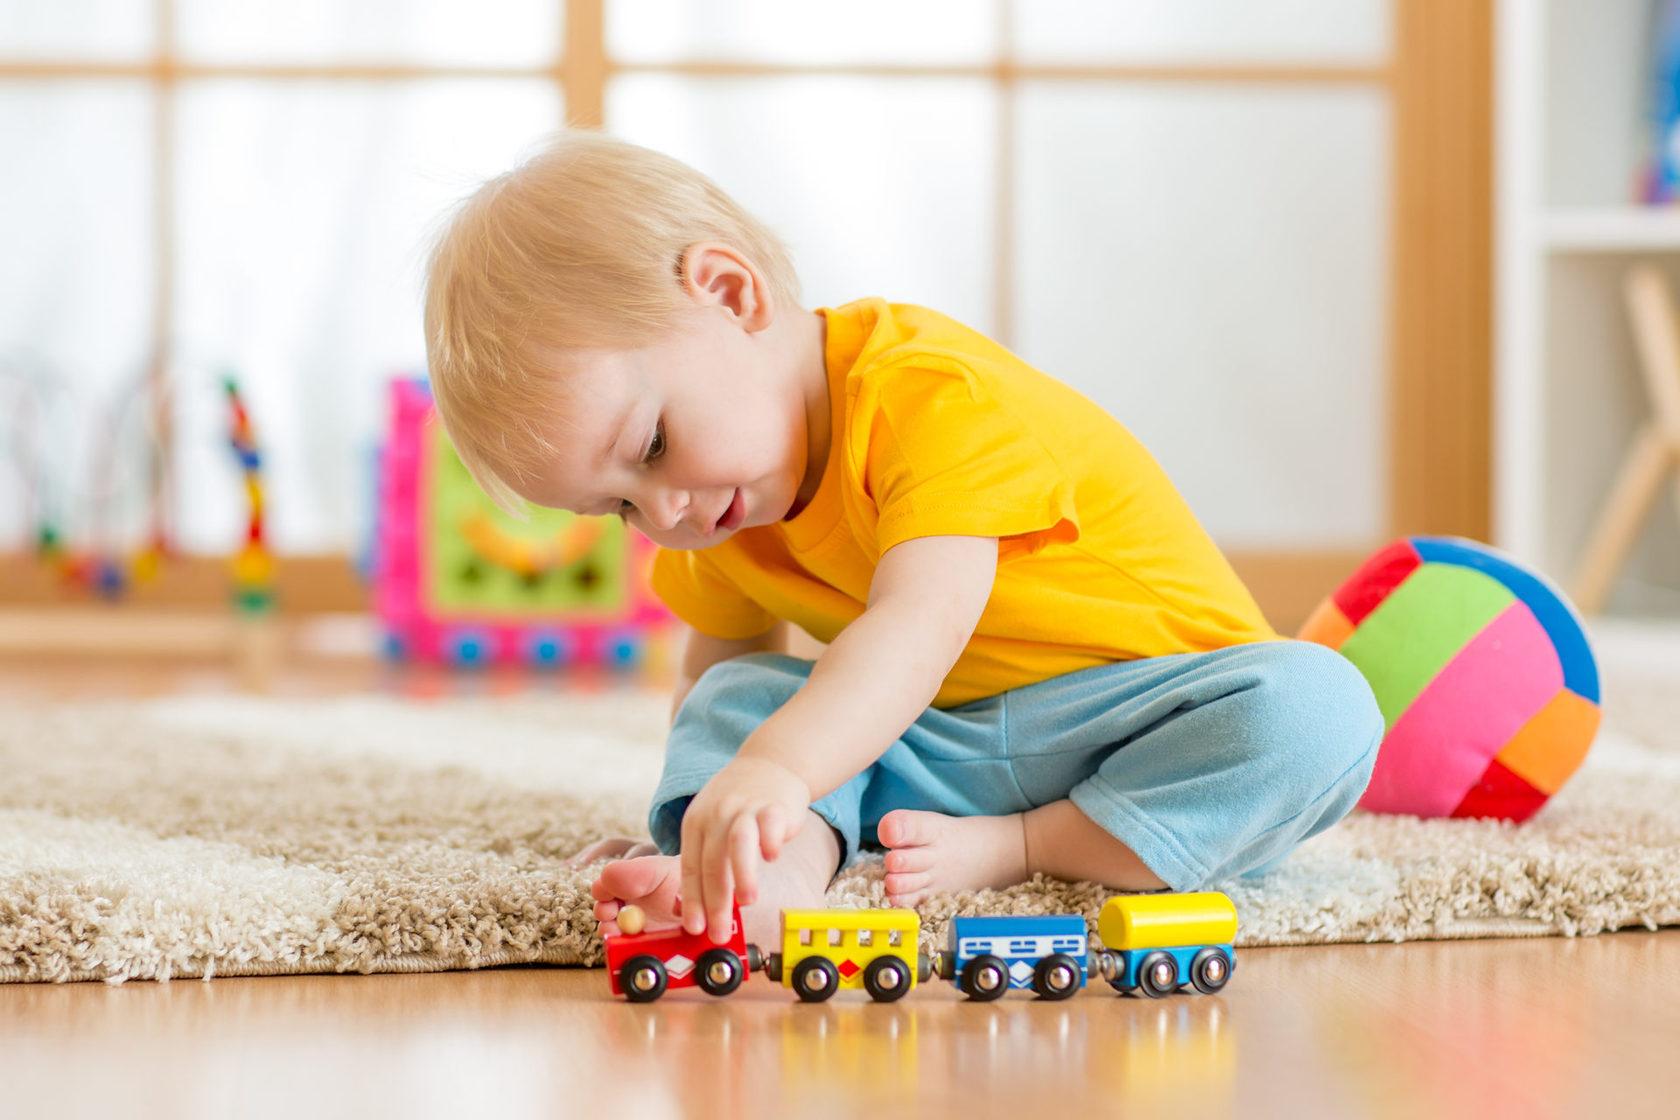 Развитие ребенка в 2 года: игры для сенсорного развития, моторики, что должны уметь дети, воспитание